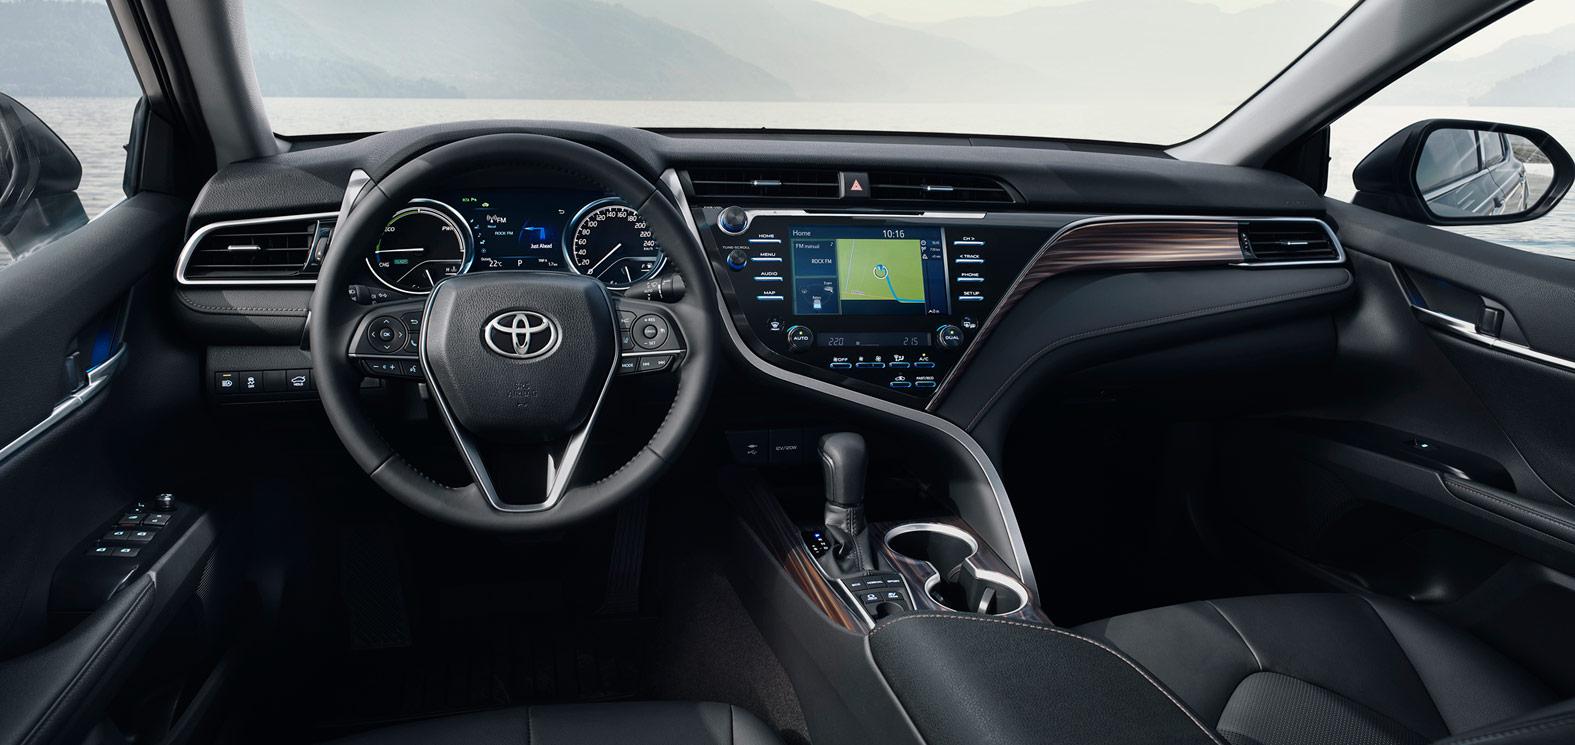 Toyota Camry Hybrid műszerfal